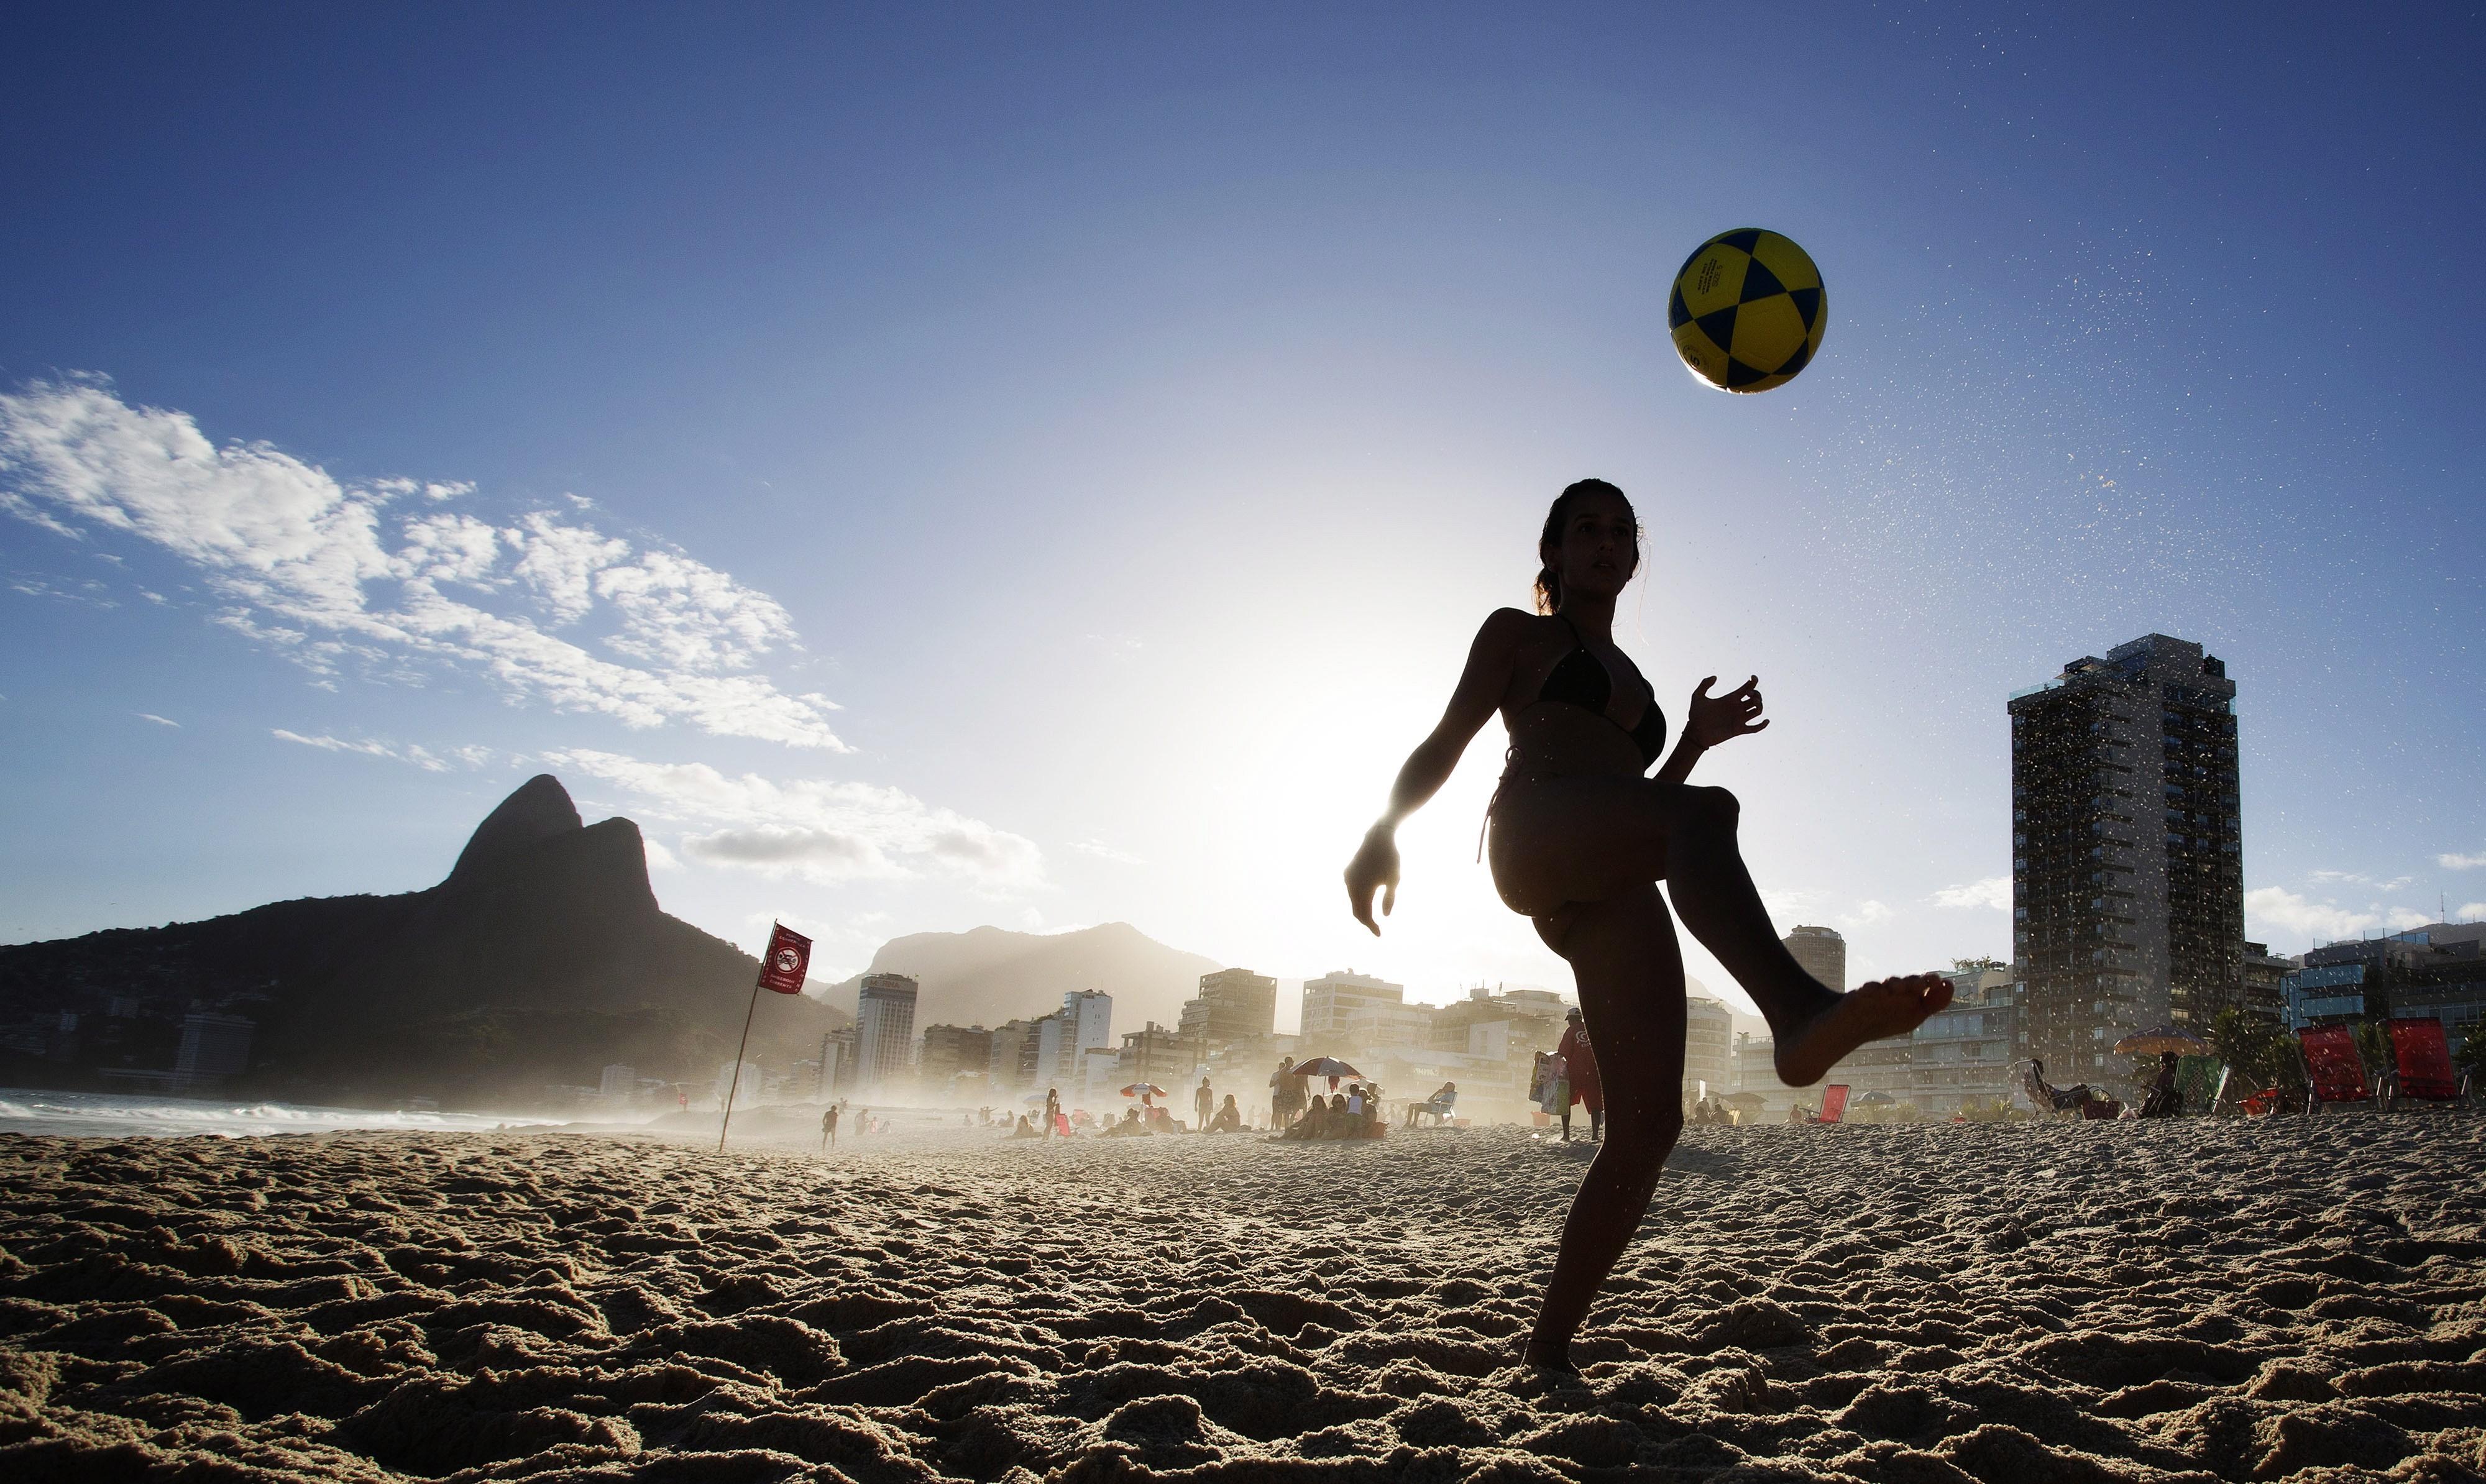 Mulher joga altinha em praia carioca